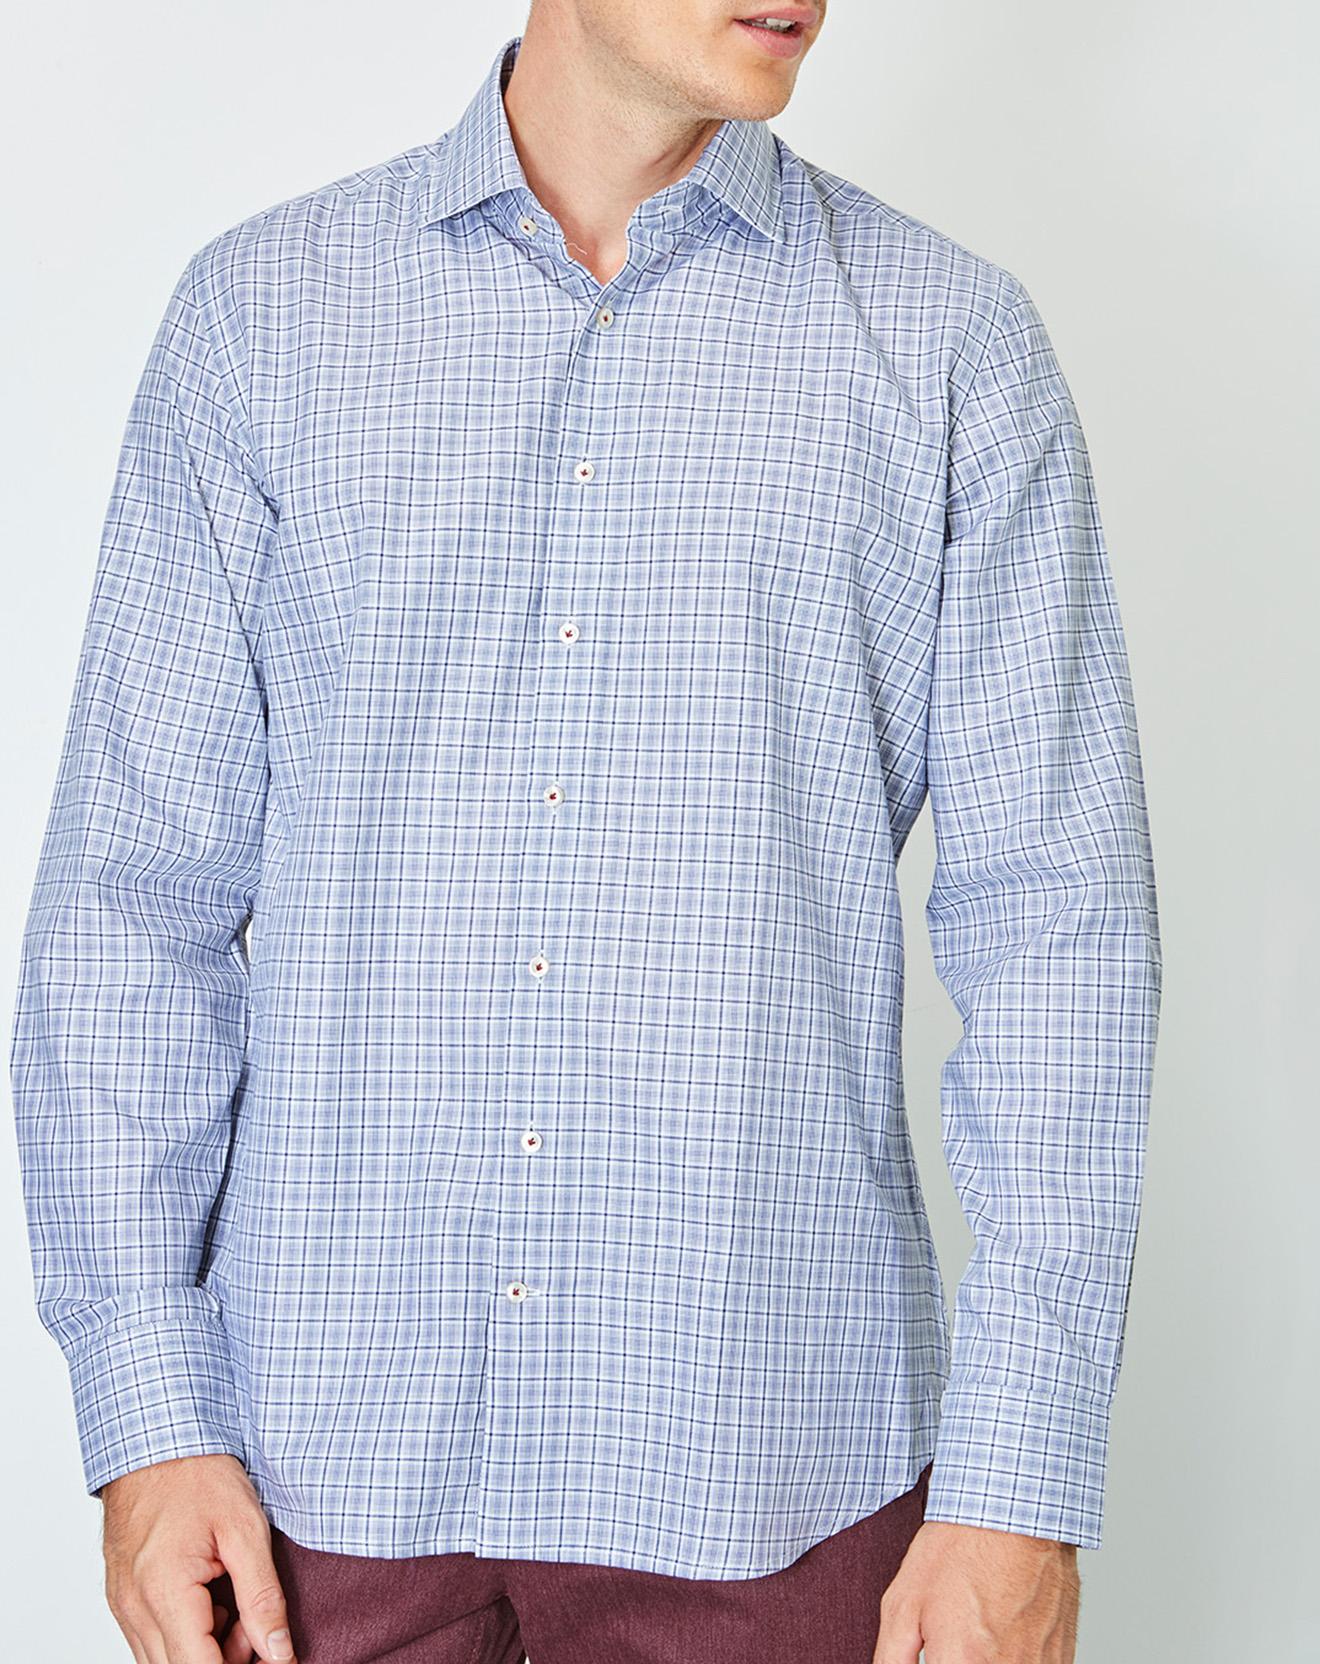 Chemise slim fit à carreaux bleue - Hackett London - Modalova